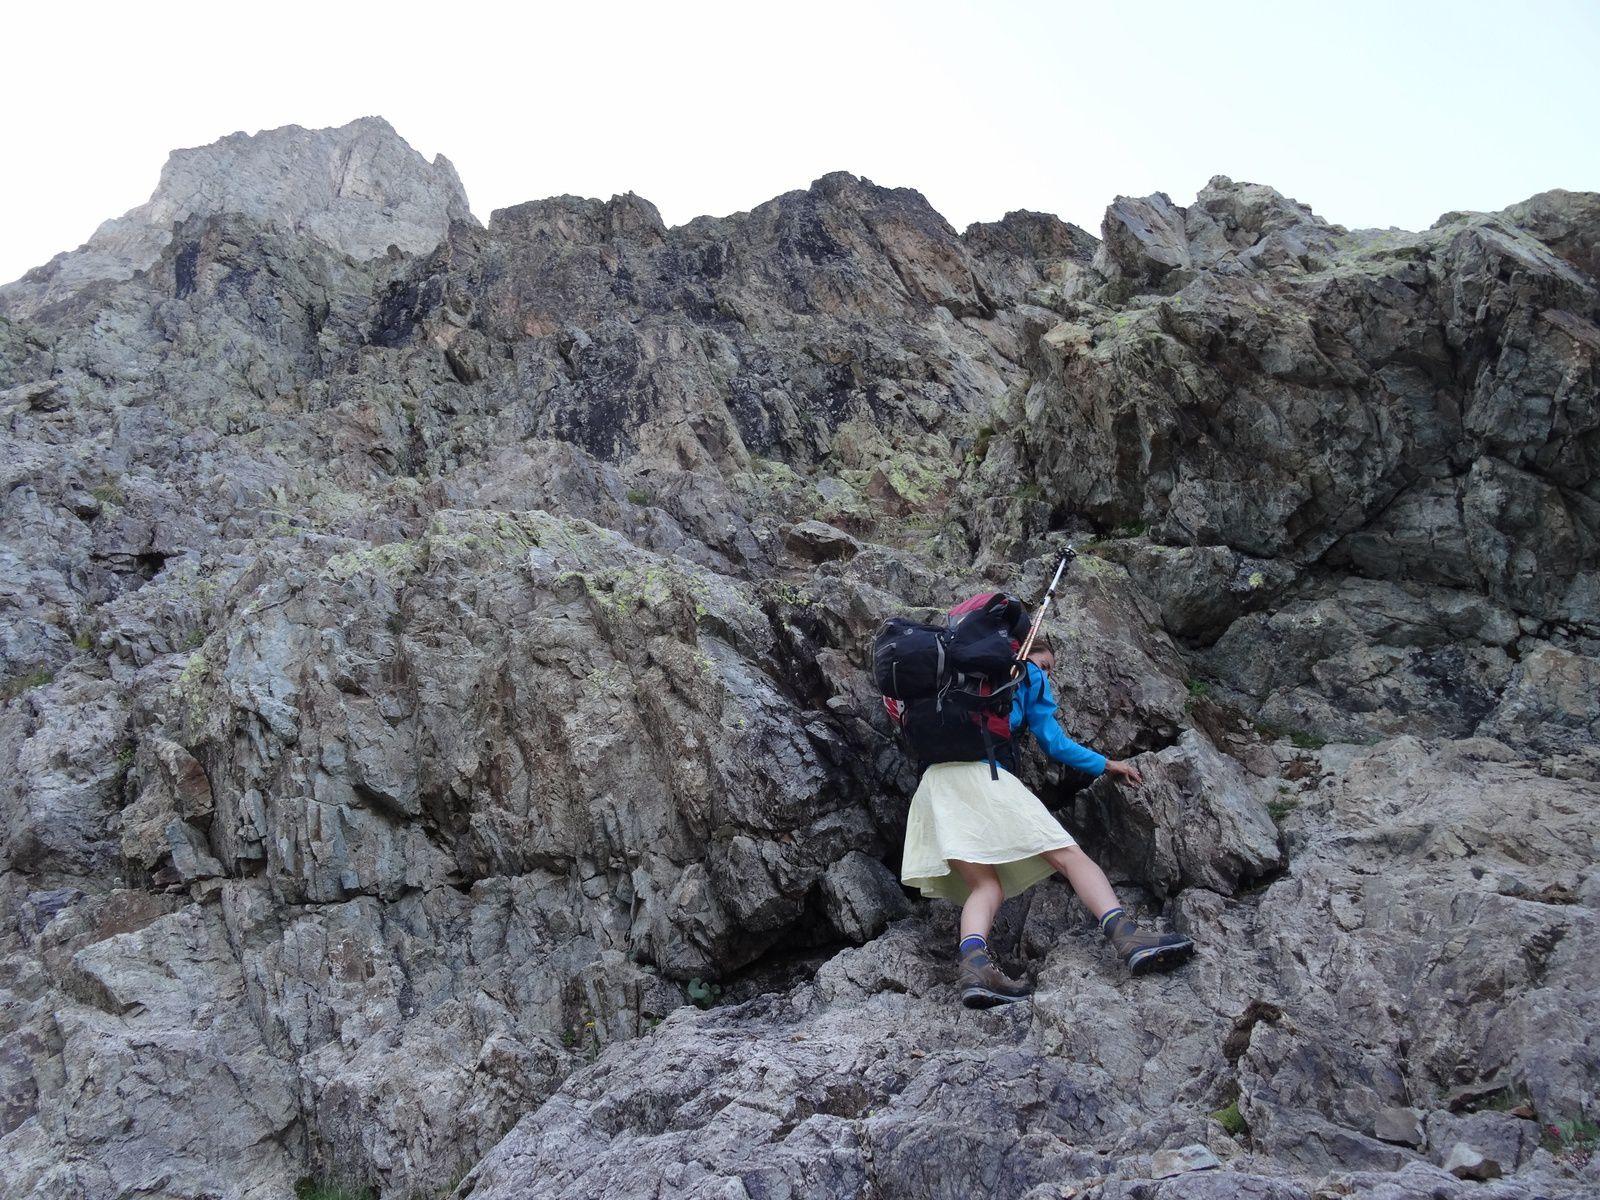 Approche complexe, avec une section de rocher qui oblige à sortir la corde